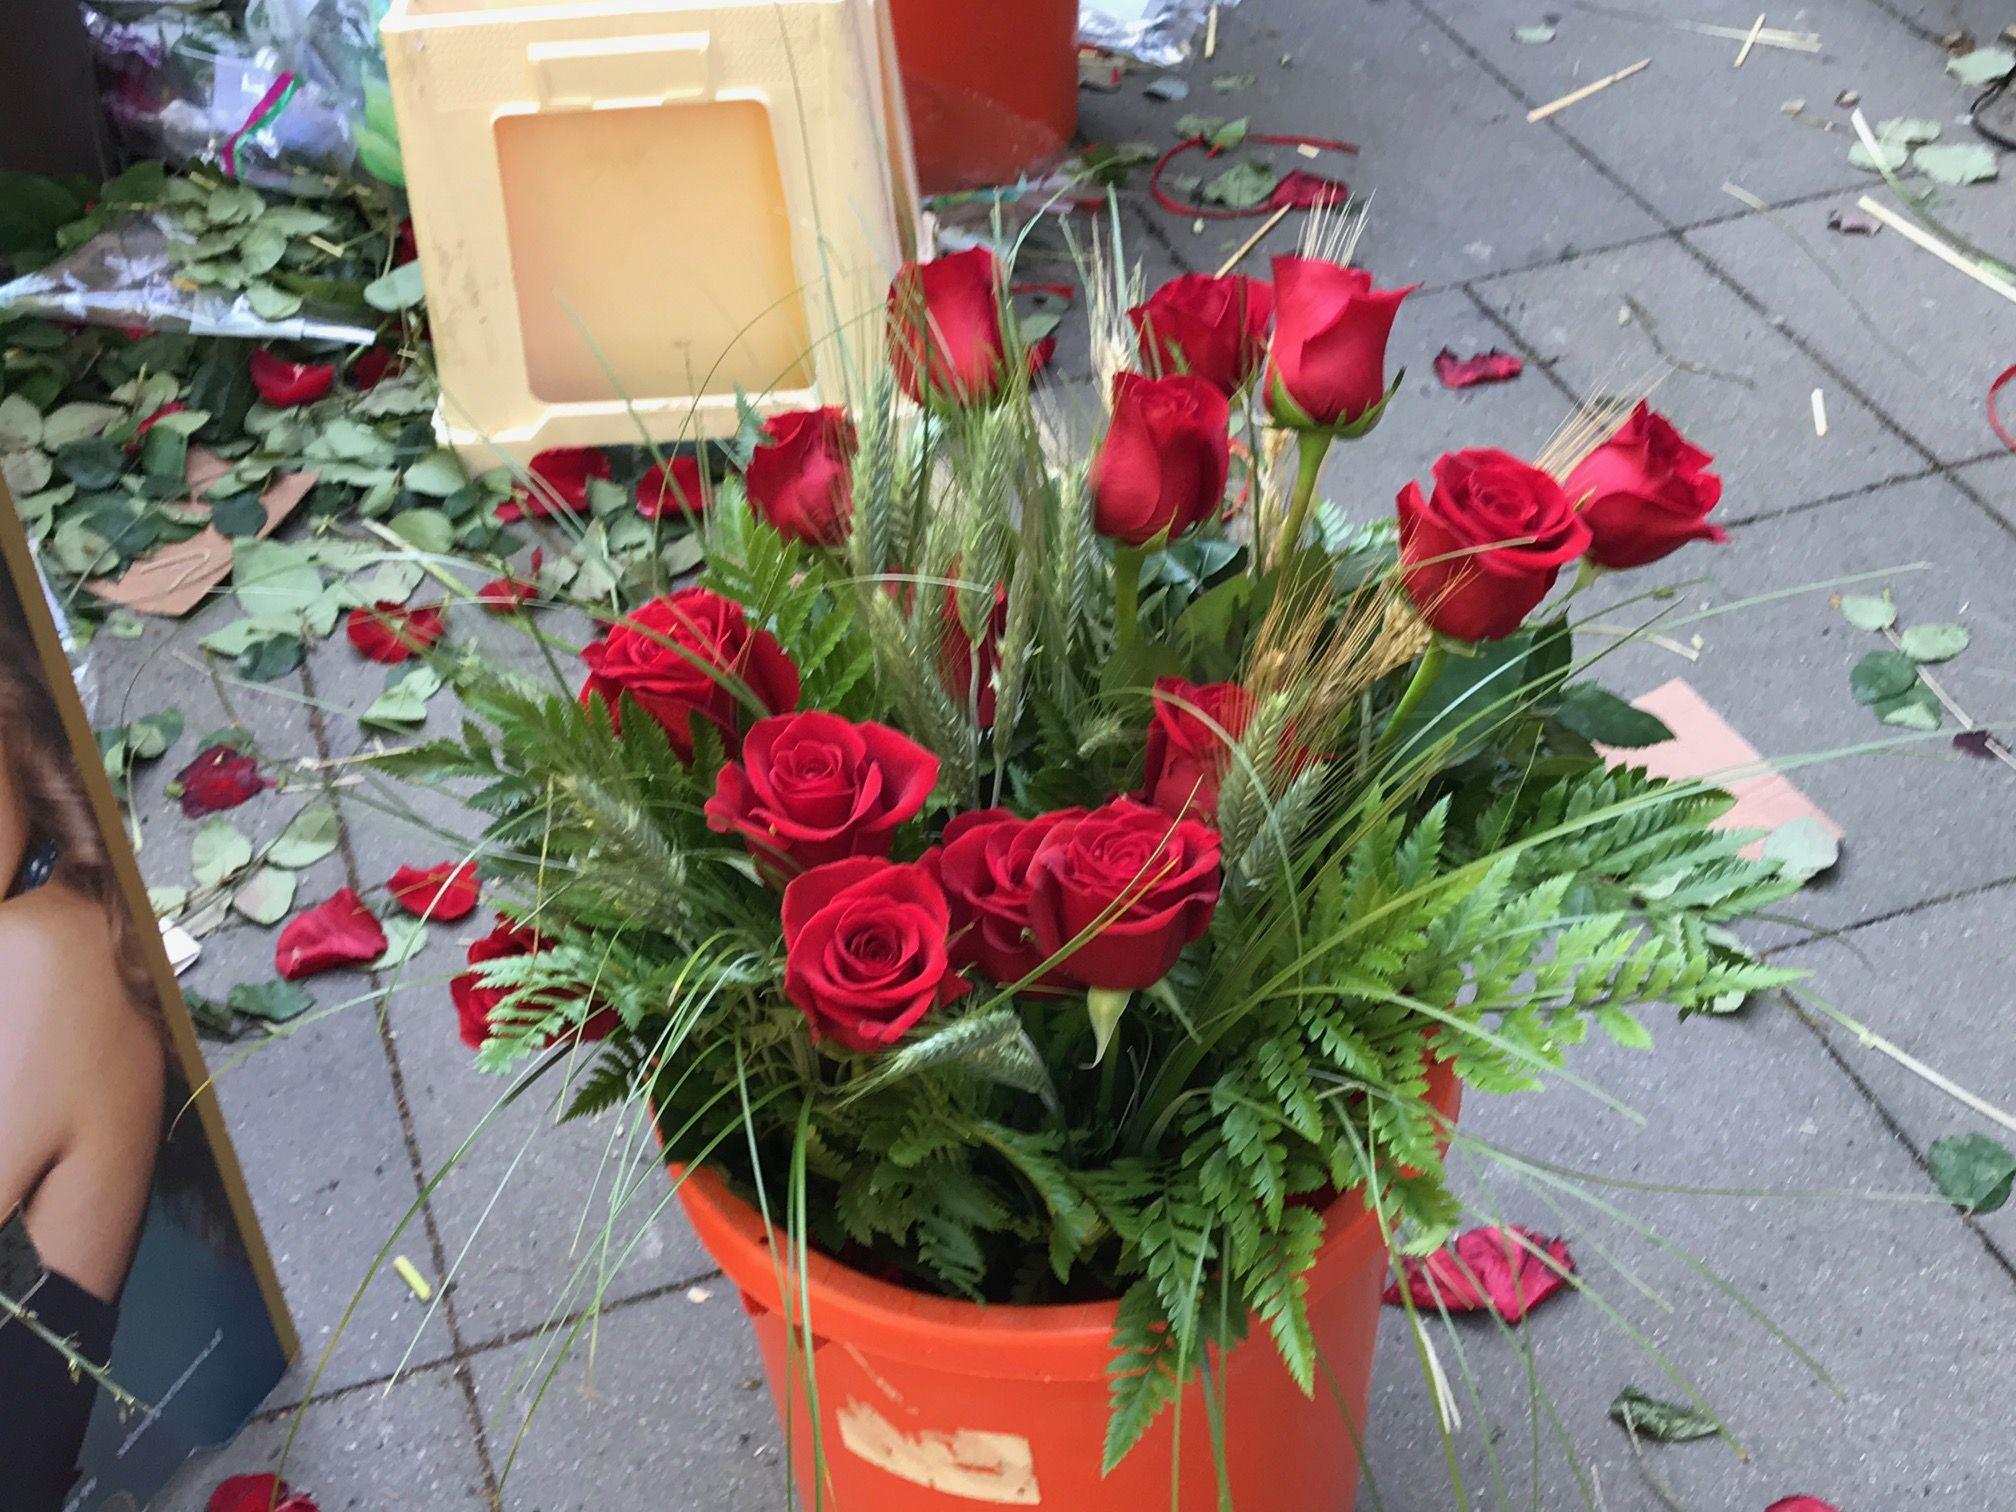 Les paradetes de llibreries i floristeries, protagonistes de la diada de Sant Jordi. FOTO: Nielo Ballart